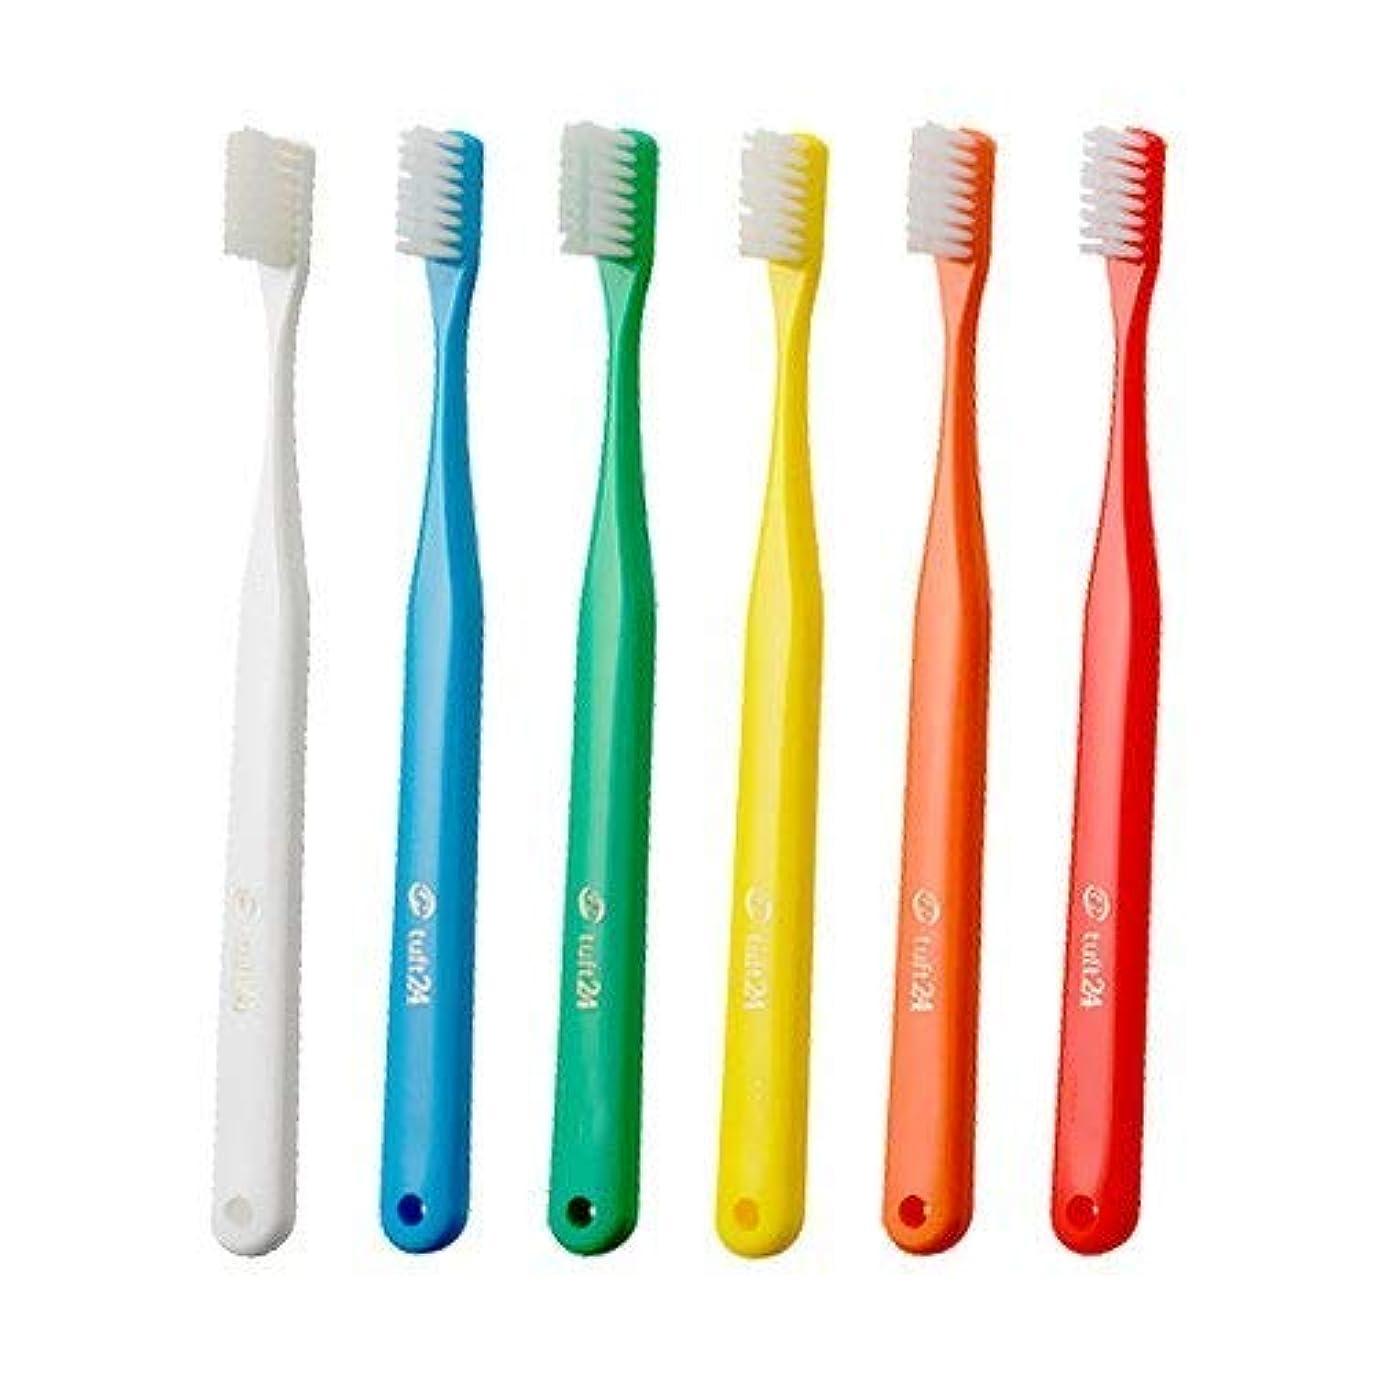 基礎理論高尚な塊キャップなし タフト24 歯ブラシ × 25本入 MS アソート